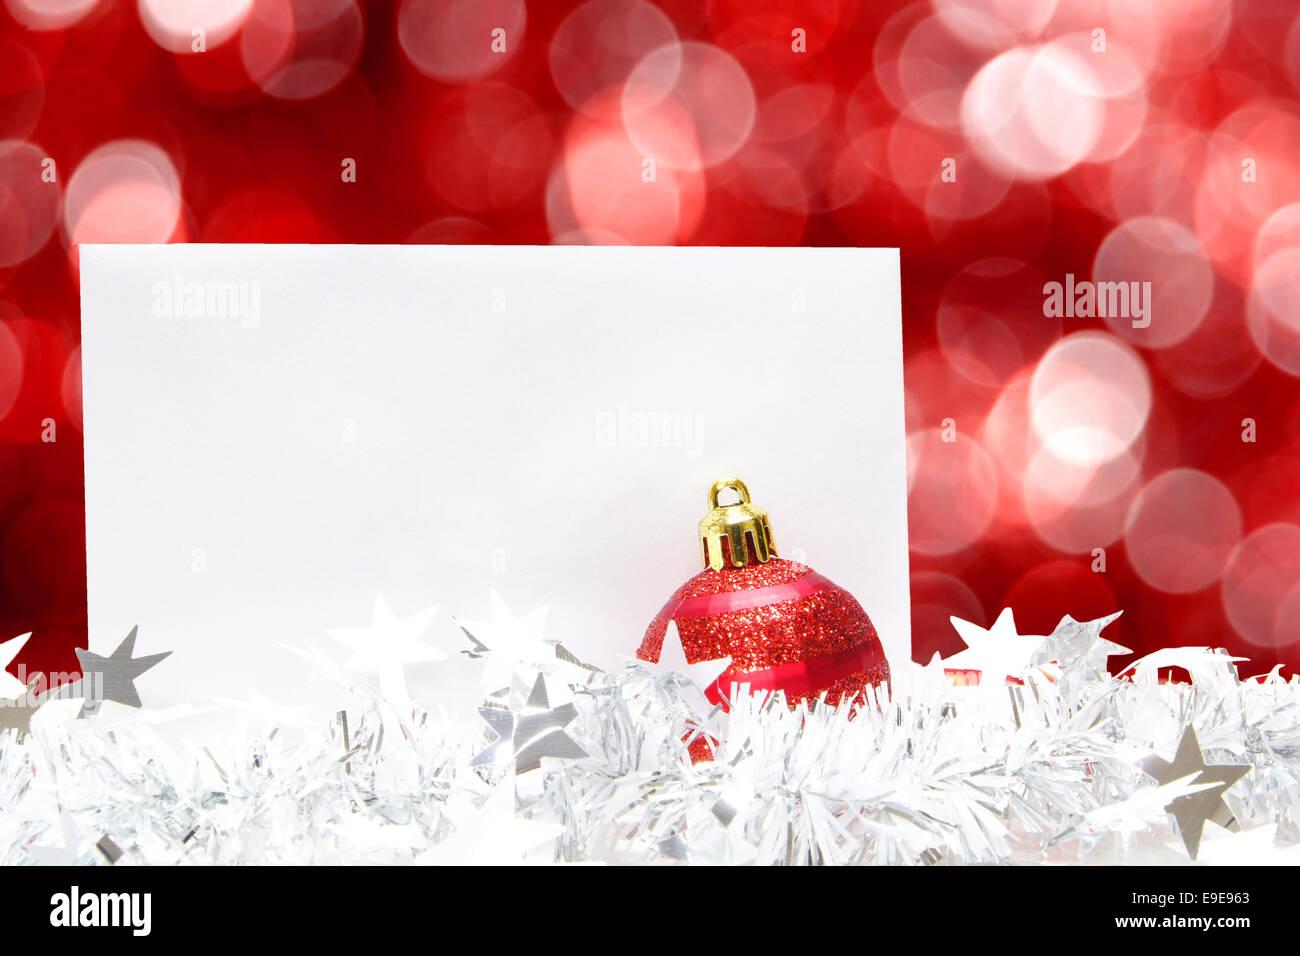 Leere weiße Weihnachten Grusskarte mit Christbaumkugel, Garland und funkelnden roten Hintergrund Stockbild